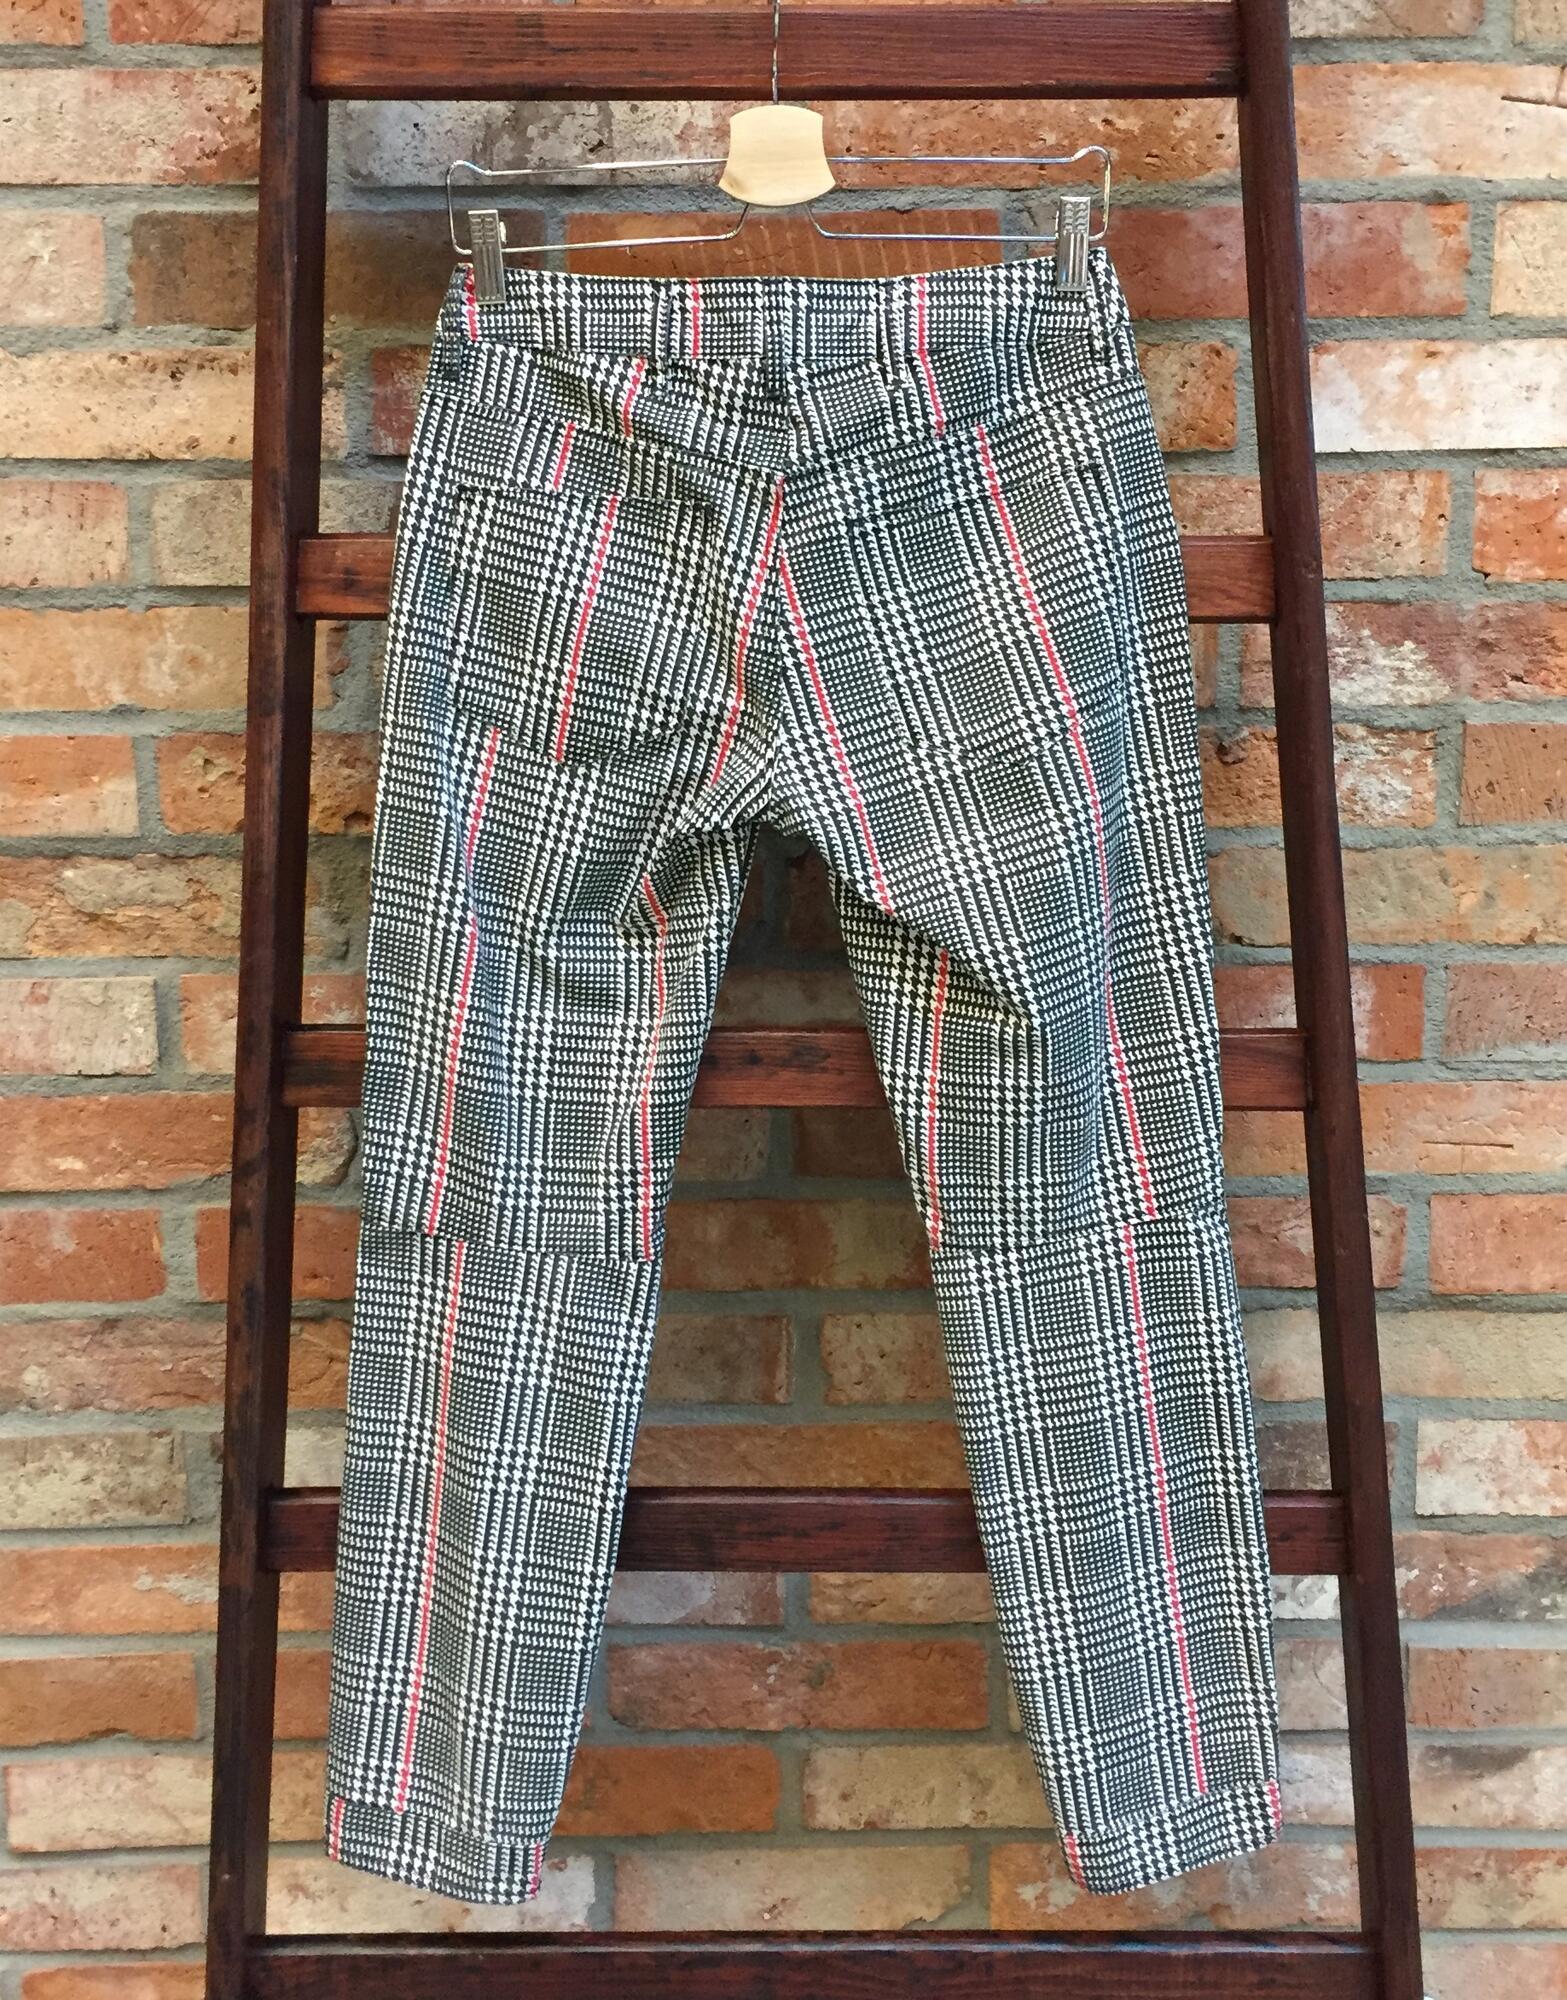 Jeansy w kratę G-STAR RAW boyfiernd 5622 - Vintage Store   JestemSlow.pl